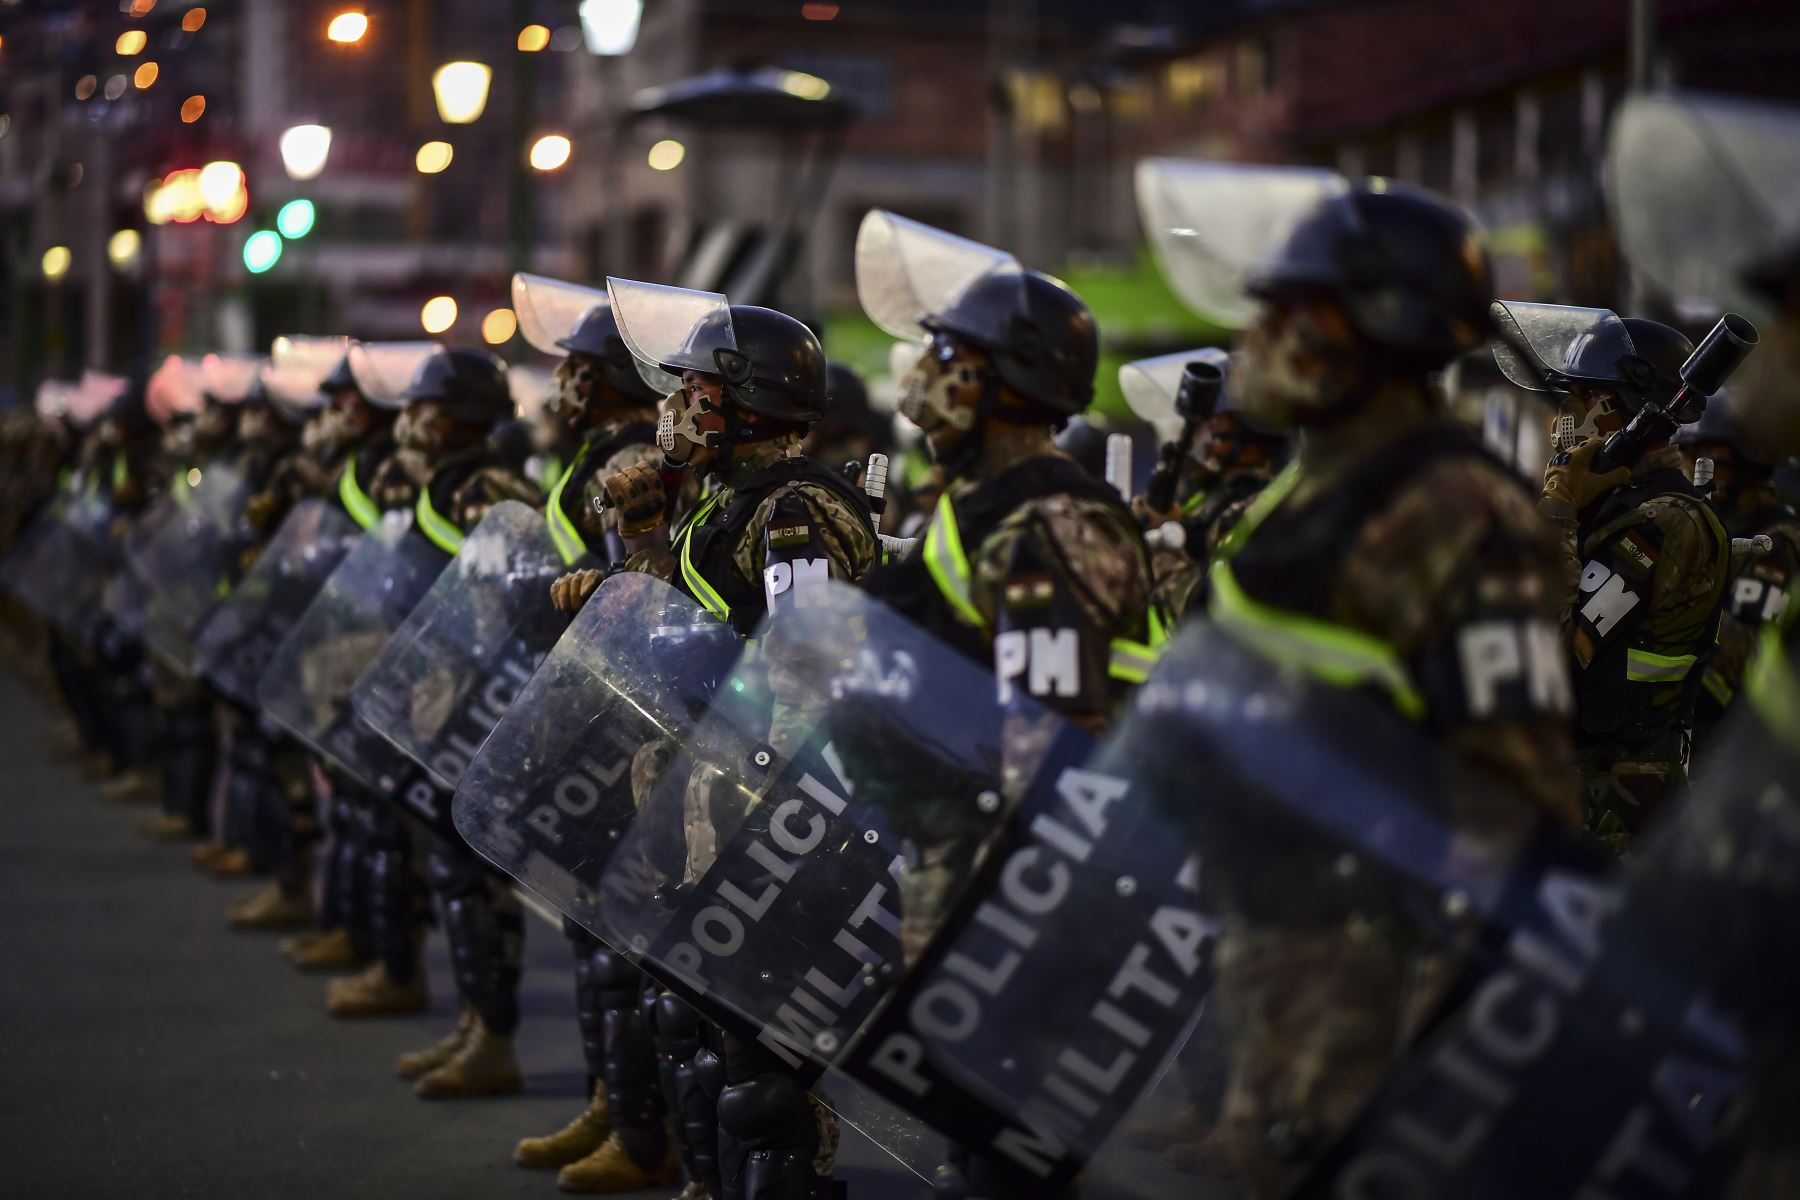 Los militares están desplegados en La Paz previo al inicio de las elecciones generales que se desarrollan en medio de la pandemia. Foto: AFP